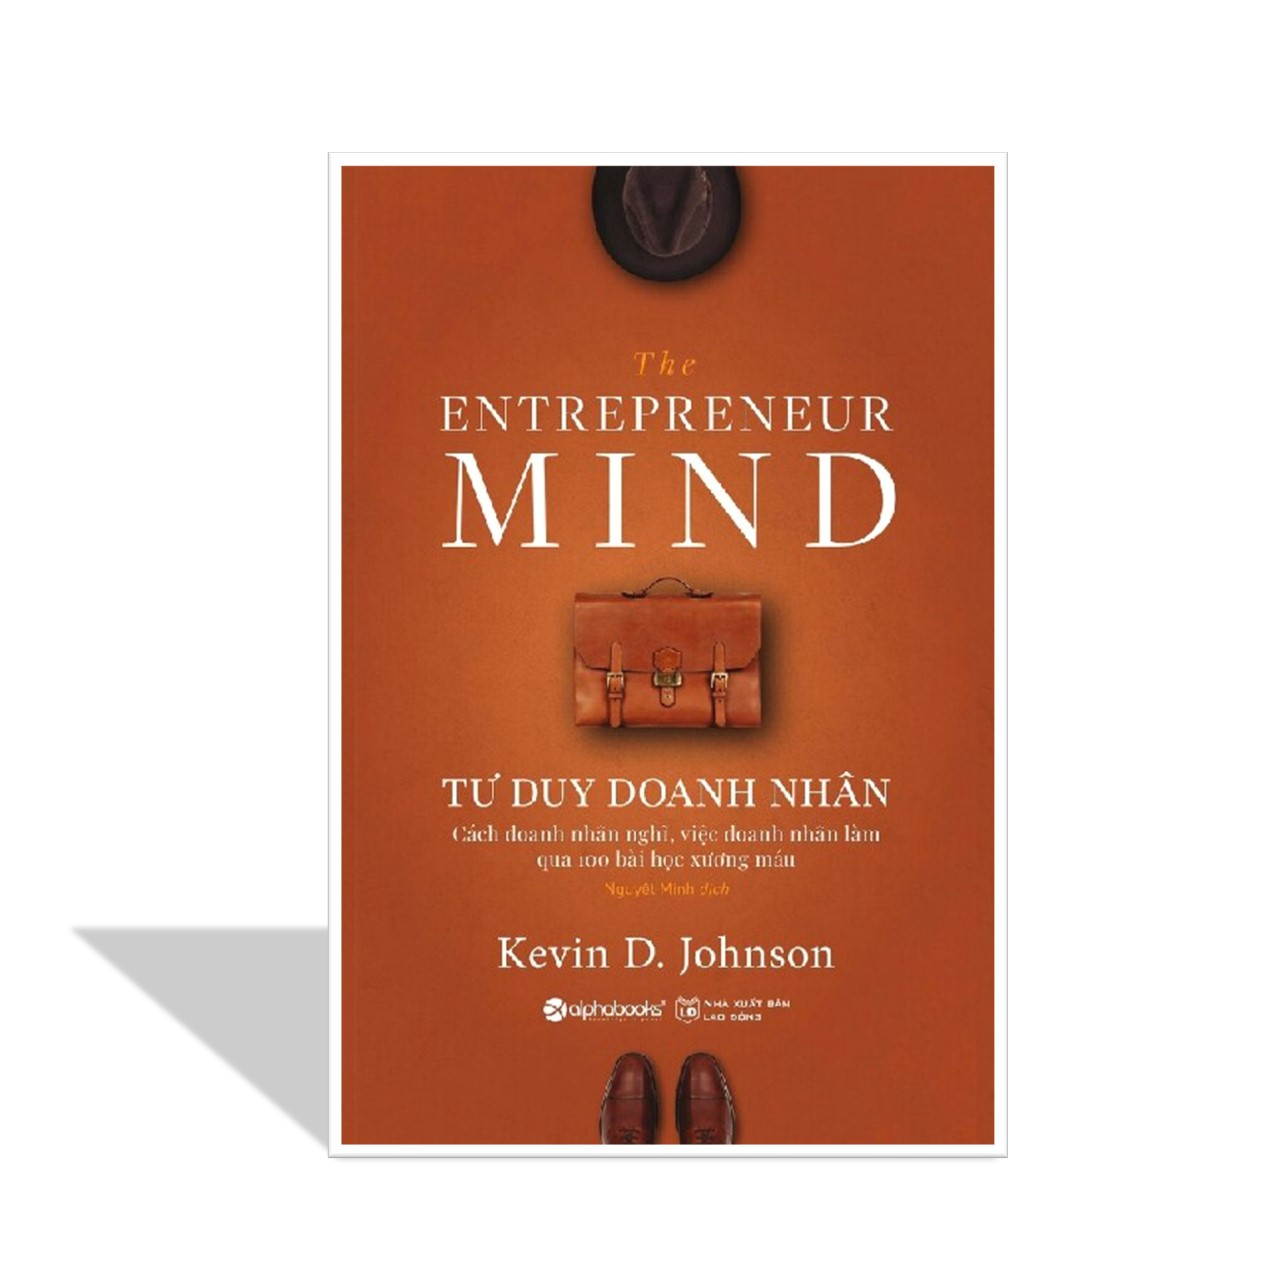 Combo 2 Cuốn Sách Về Tư Duy Chiến Lược: Tư Duy Doanh Nhân + Tư Duy Của Chiến Lược Gia - Nghệ Thuật Kinh Doanh Nhật Bản